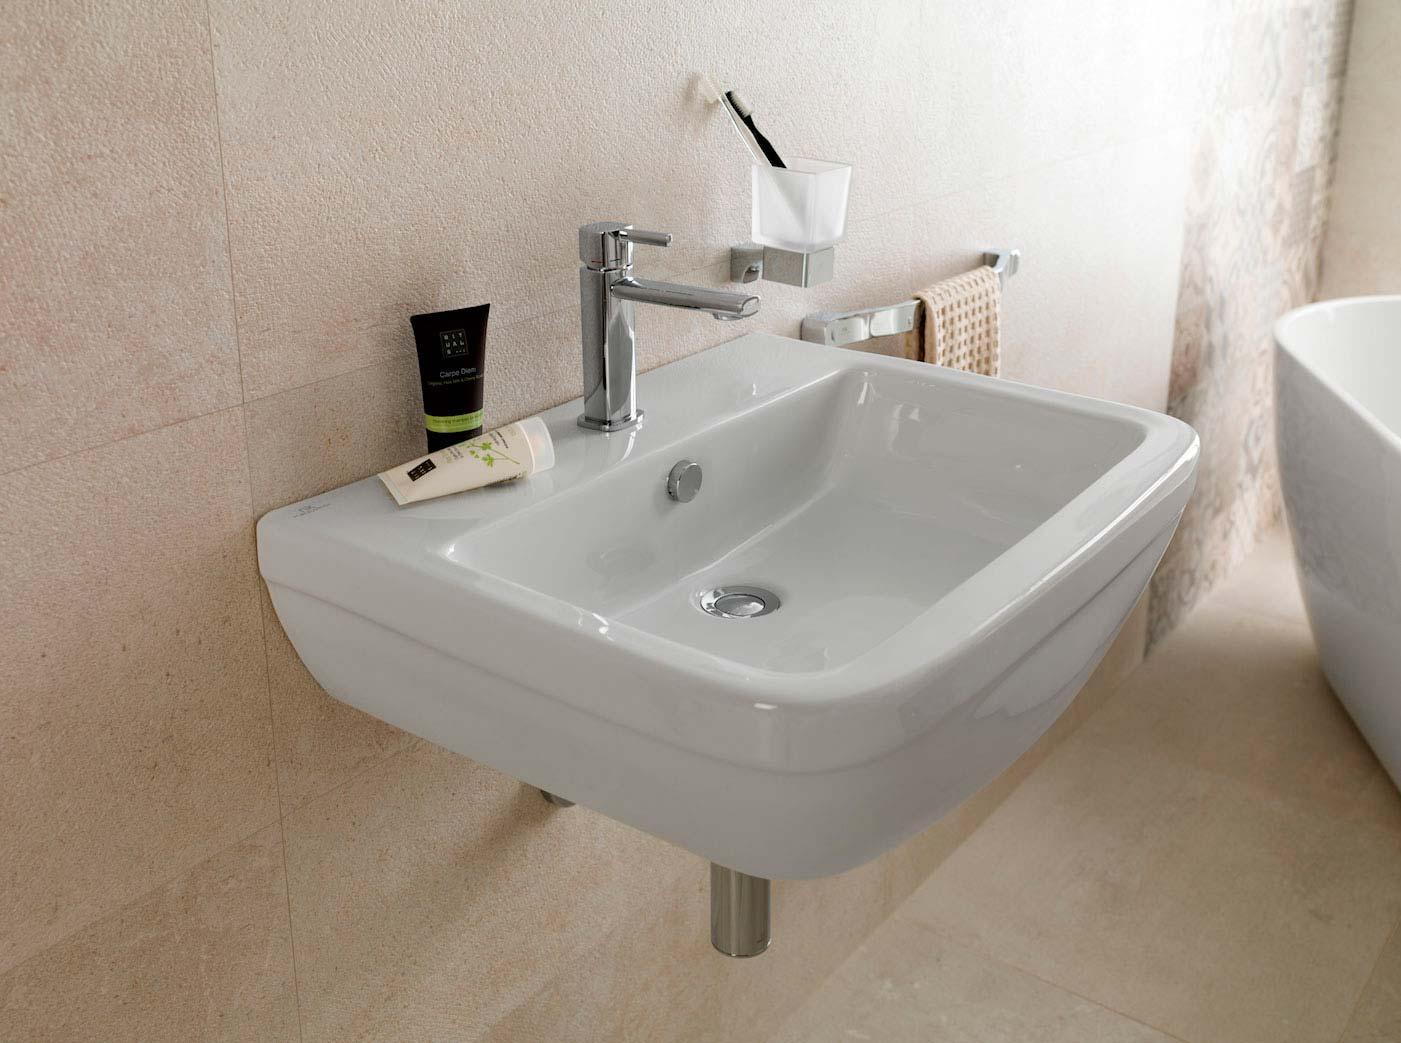 Tendencias en ba os compactos minimalismo y funcionalidad - Porcelanosa banos pequenos ...